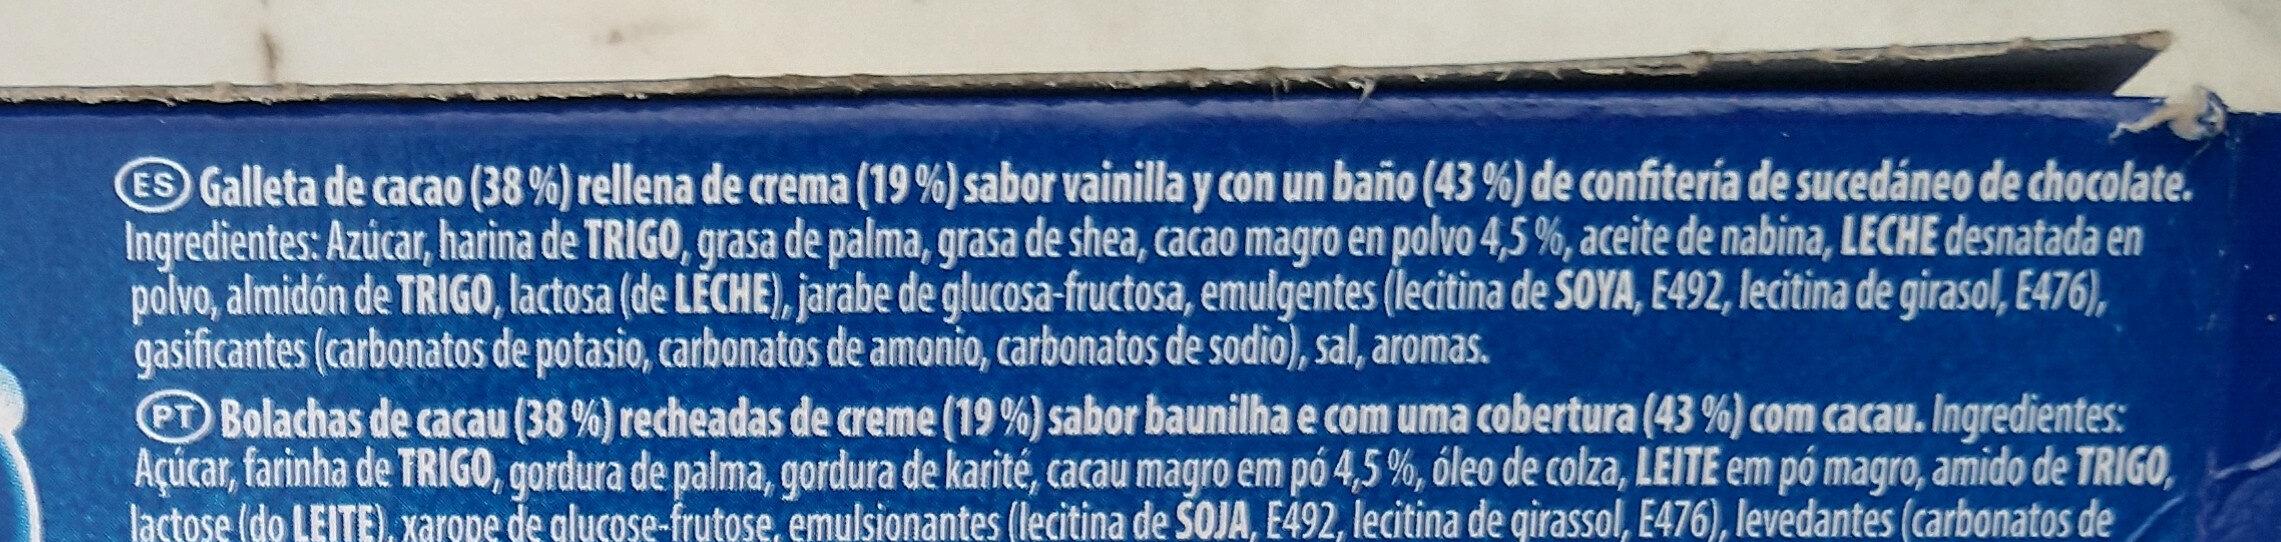 Oreo bañadas - Ingrediënten - es